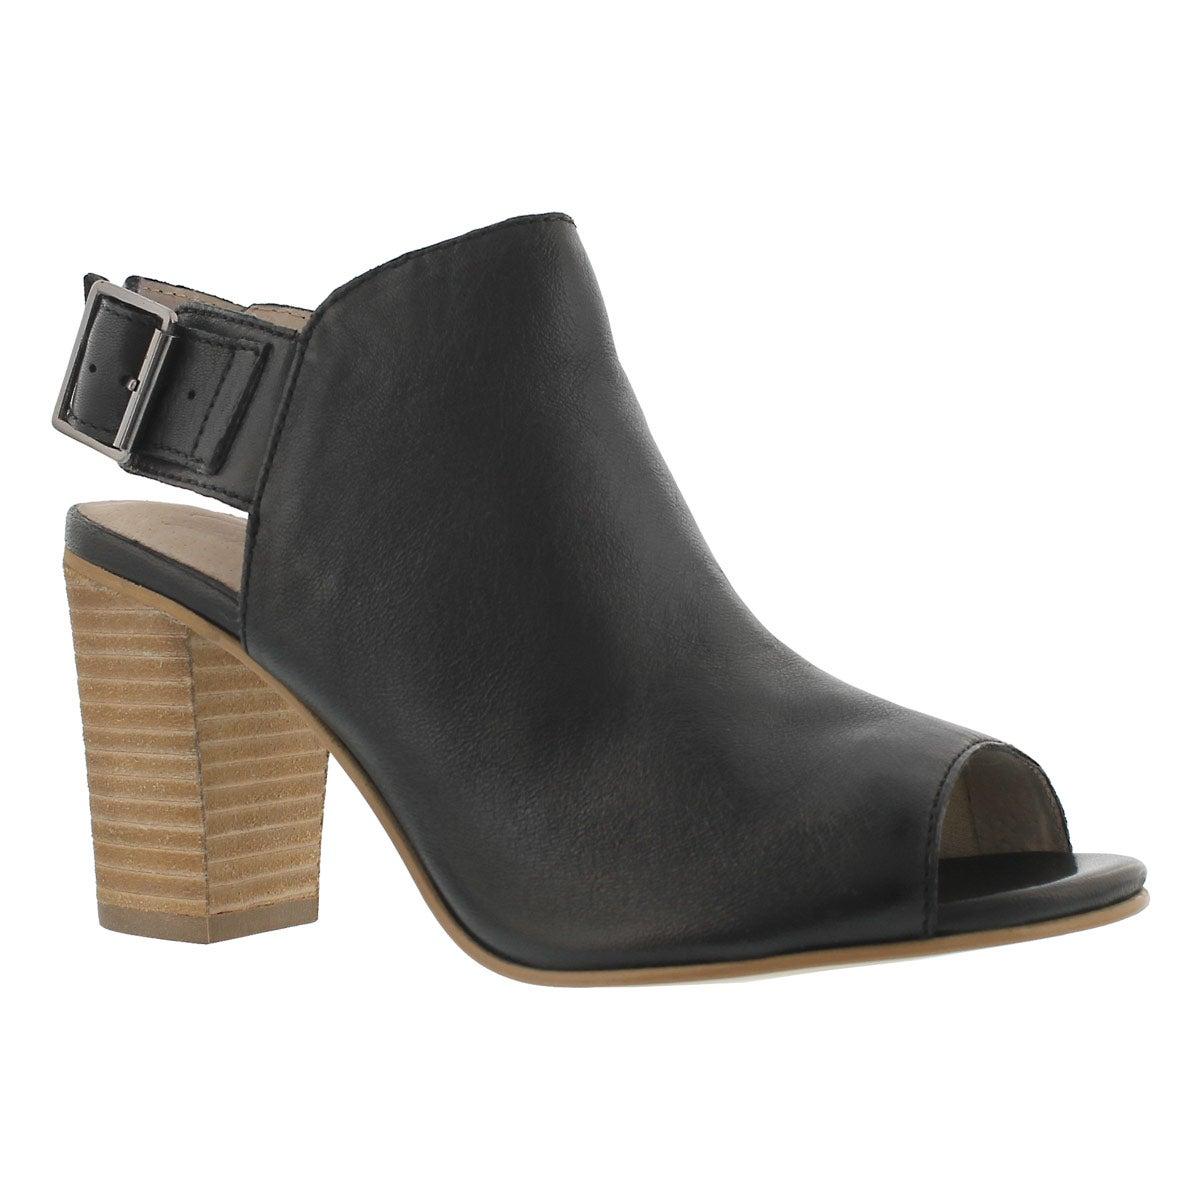 Women's FAYE black peep toe dress sandals